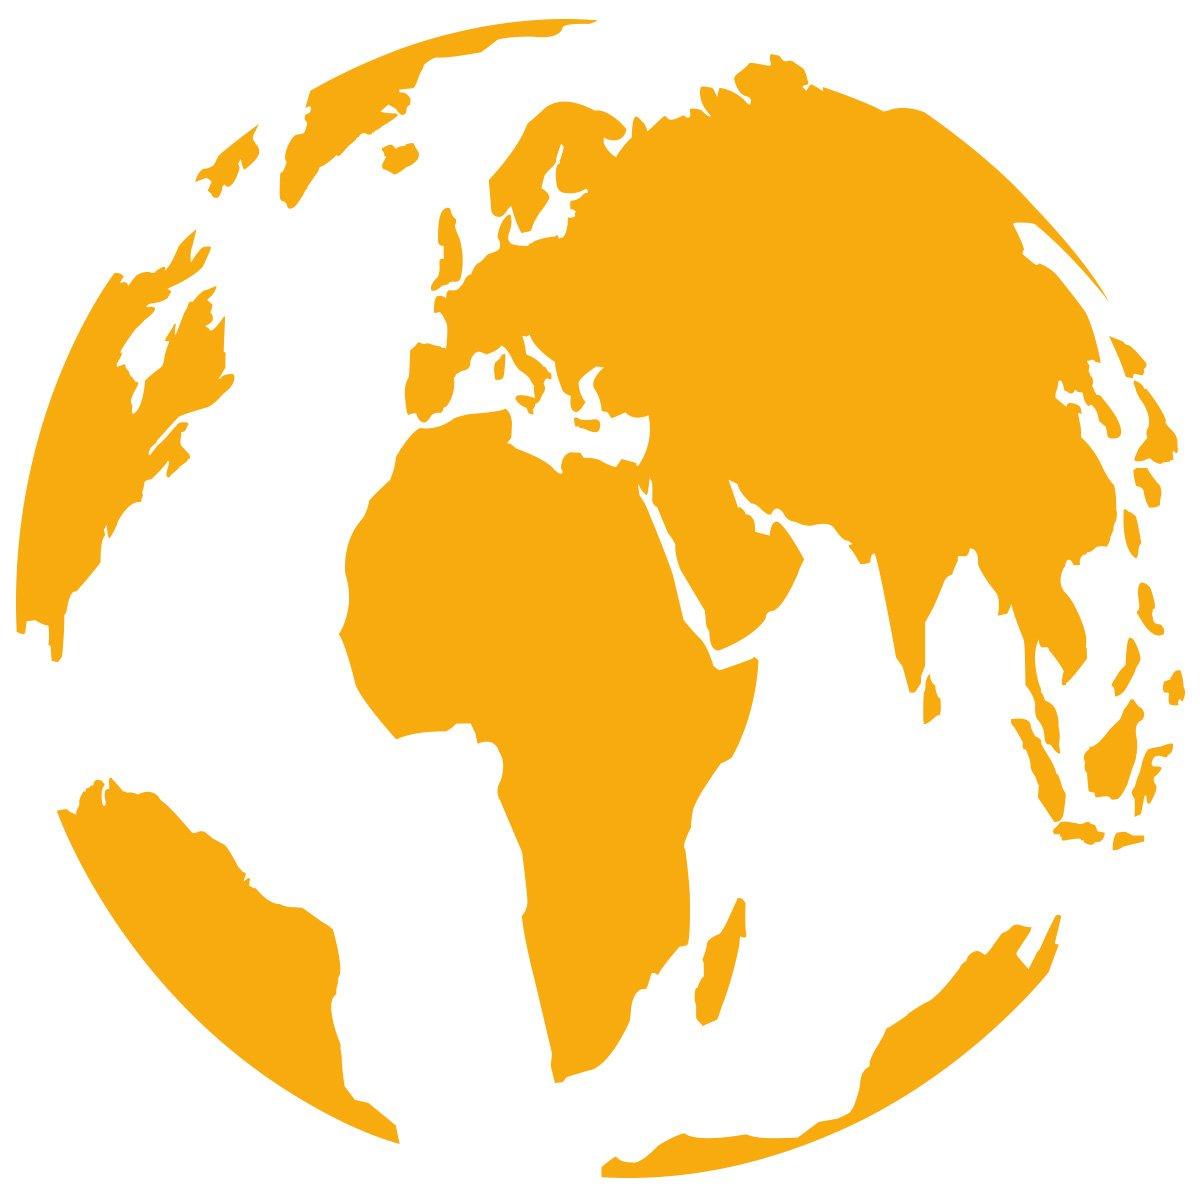 WANDKINGS Wandtattoo - Globus - 90 x 90 90 90 cm - Kupfer - Wähle aus 5 Größen & 35 Farben B078YF37Y2 Wandtattoos & Wandbilder ce9626